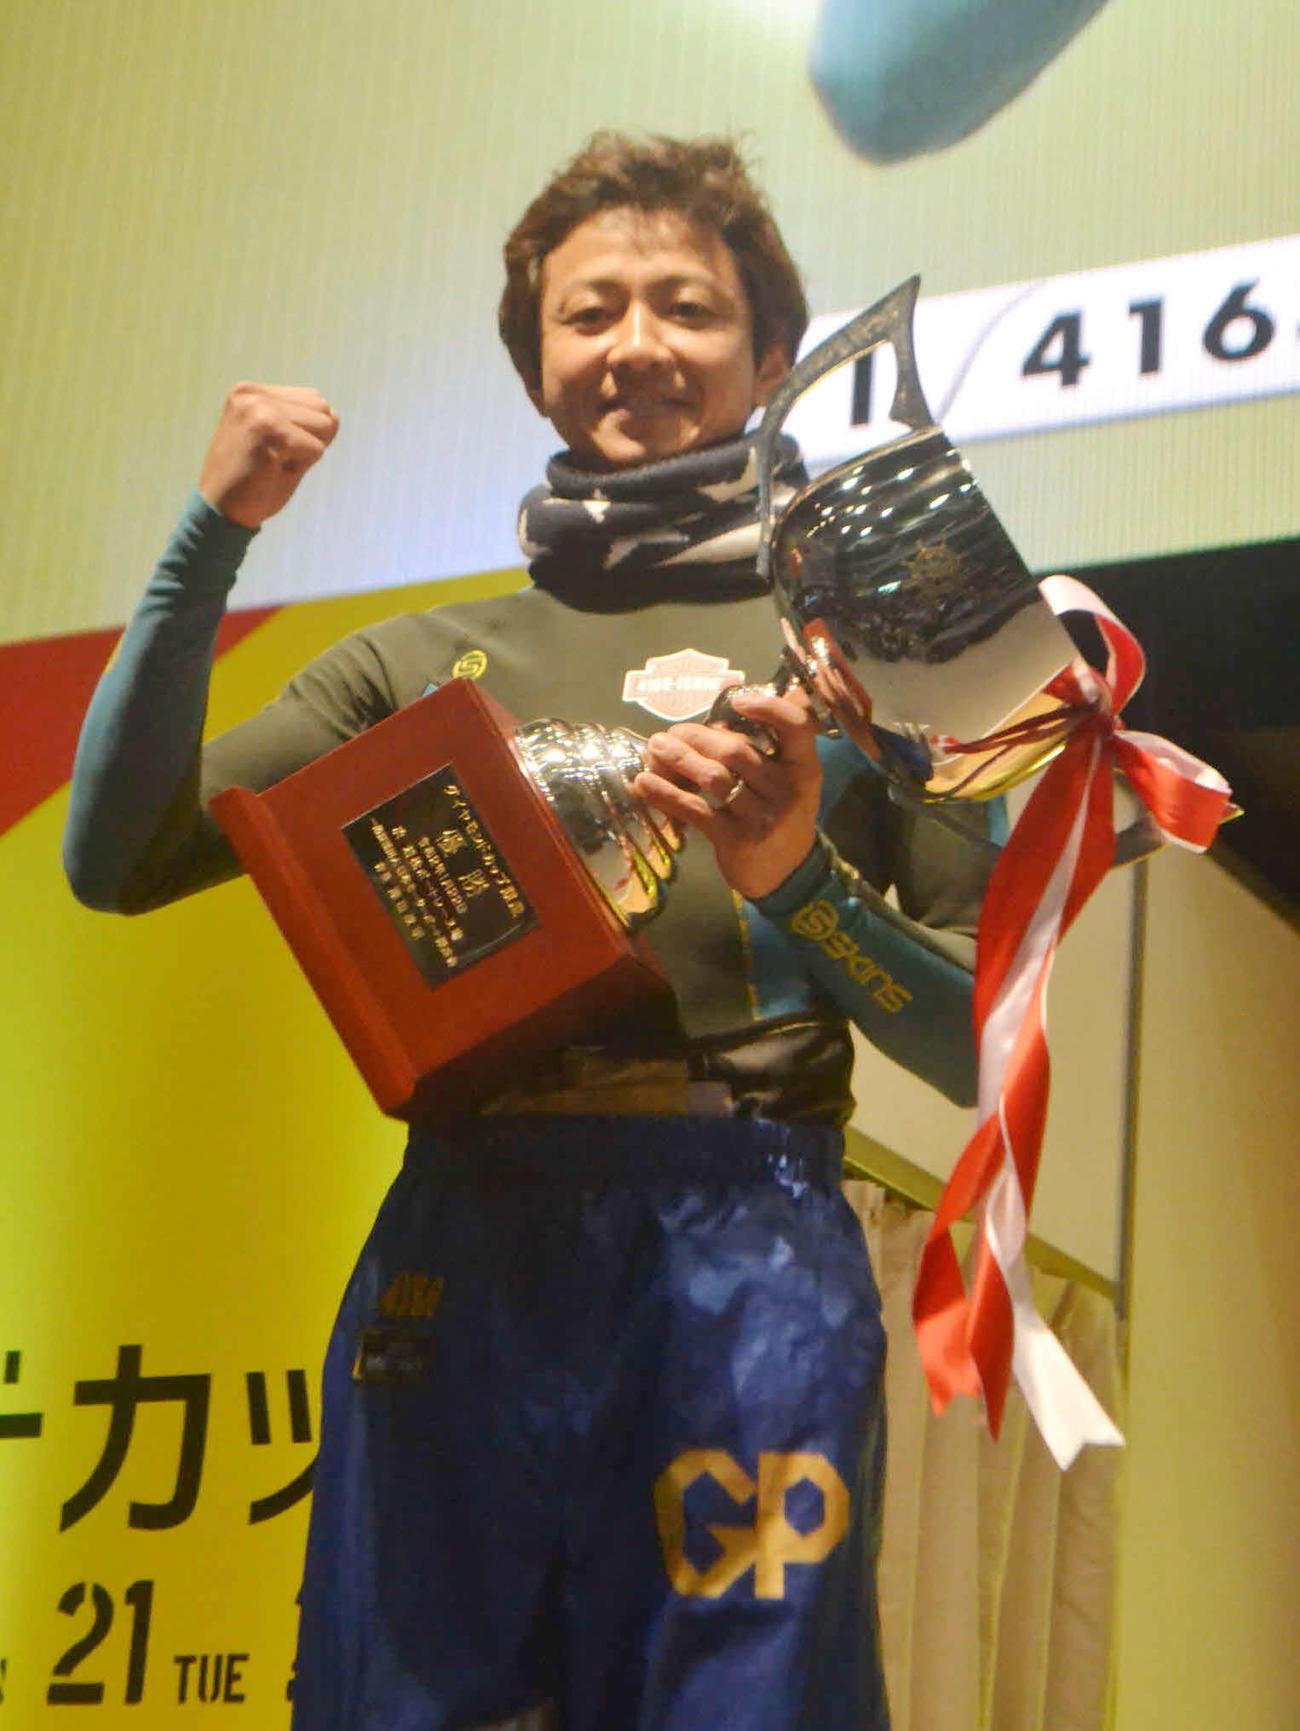 イン逃げで優勝した石野貴之はトロフィーを手に笑顔を見せる